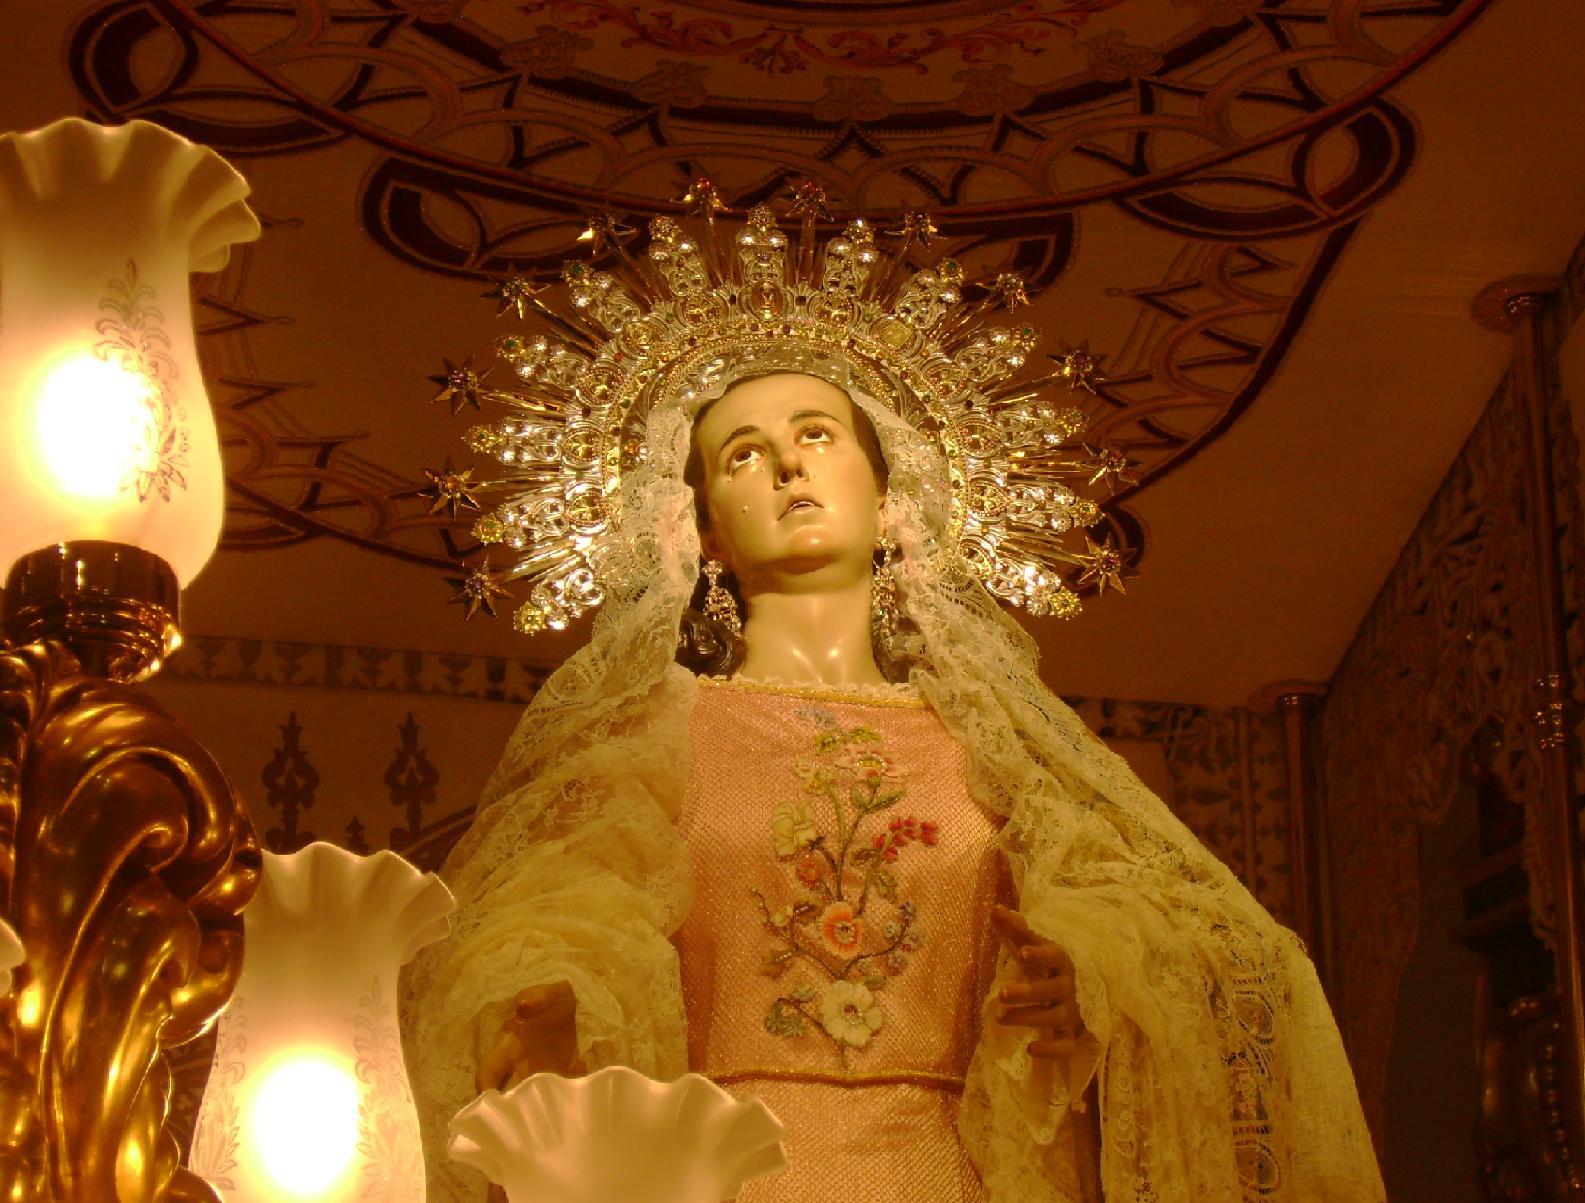 Santsima Virgen de la Amargura Titular del Paso Blanco Lorca  fotos de Semana Santa